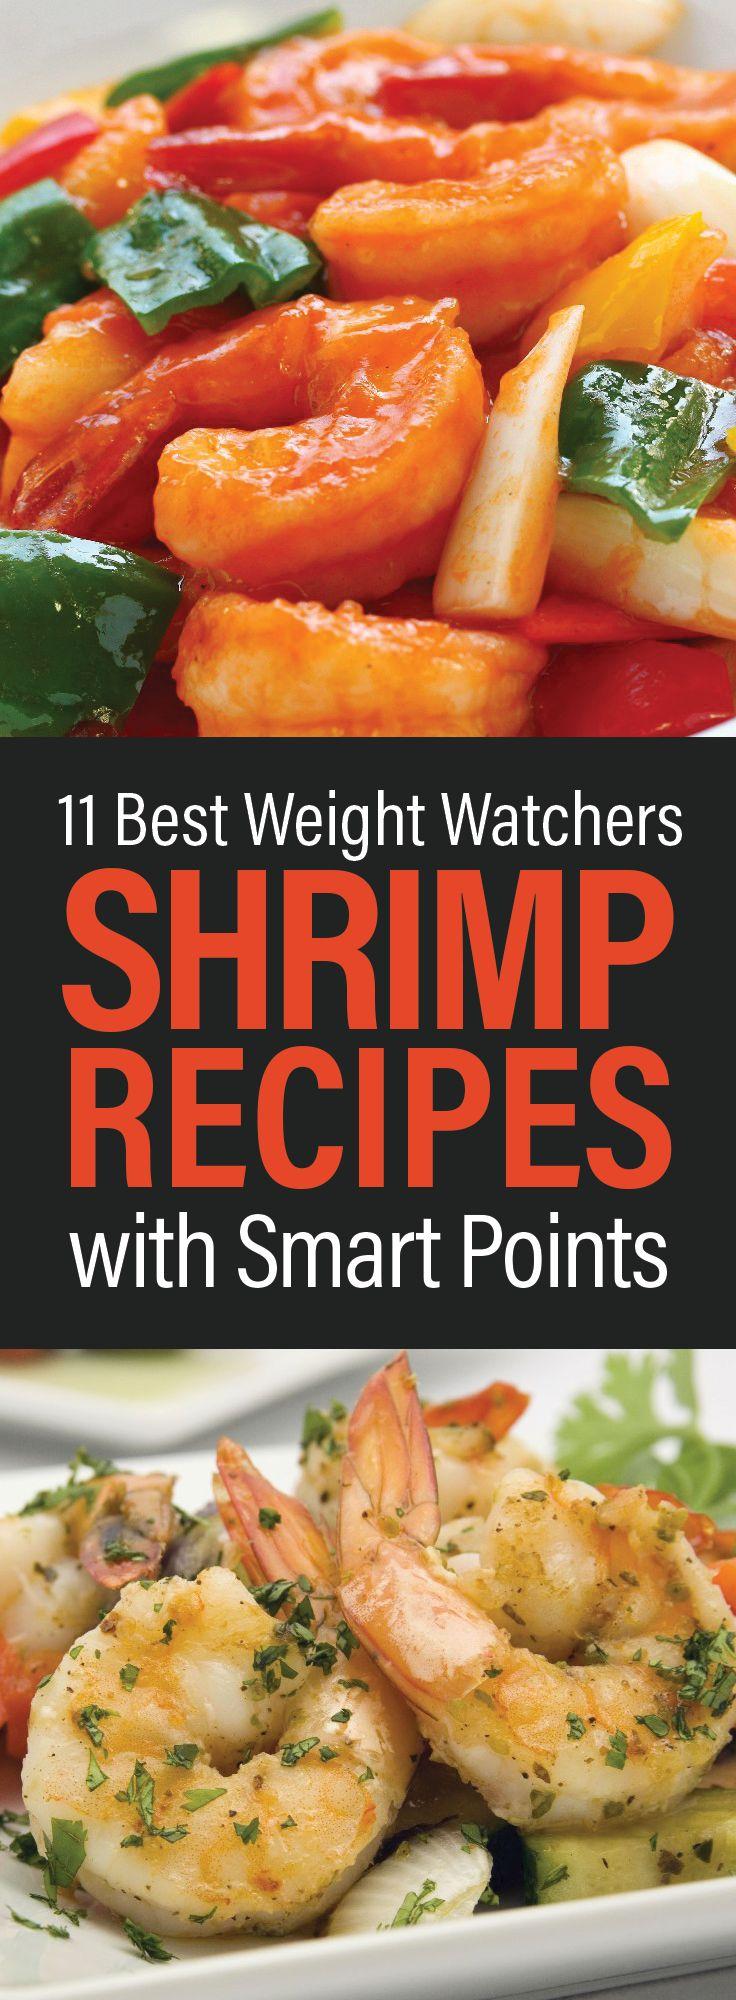 11 Weight Watchers Shrimp Recipes with SmartPoints including Shrimp Scampi, Coconut Shrimp, Kabobs, Hunan Shrimp, Baked Shrimp, Kung Pao Shrimp, and more!